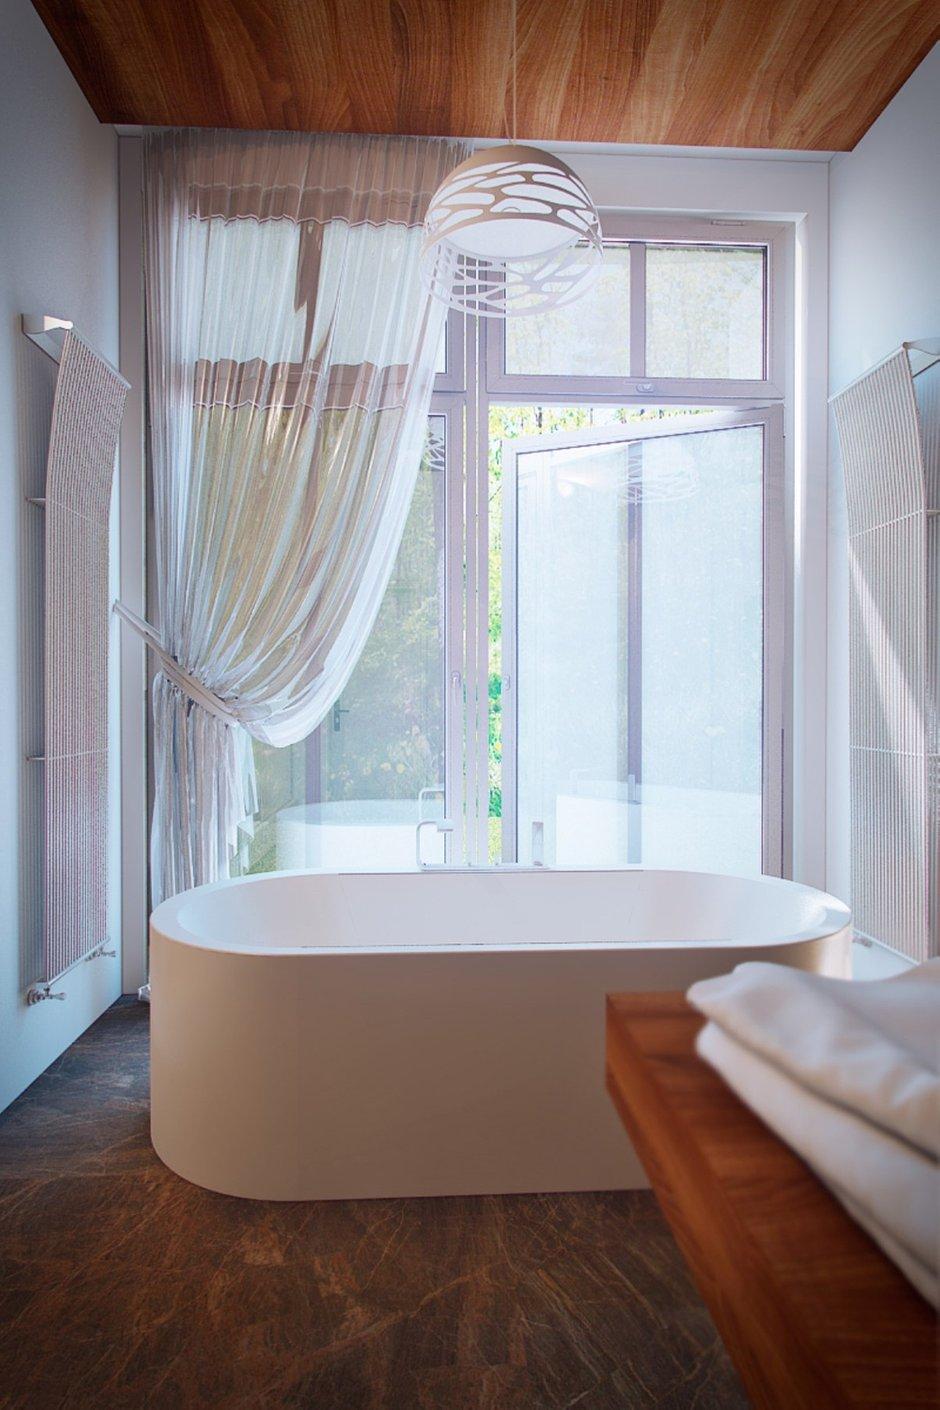 Фотография: Ванная в стиле Современный, Эко, Дом, Минимализм, Проект недели – фото на INMYROOM